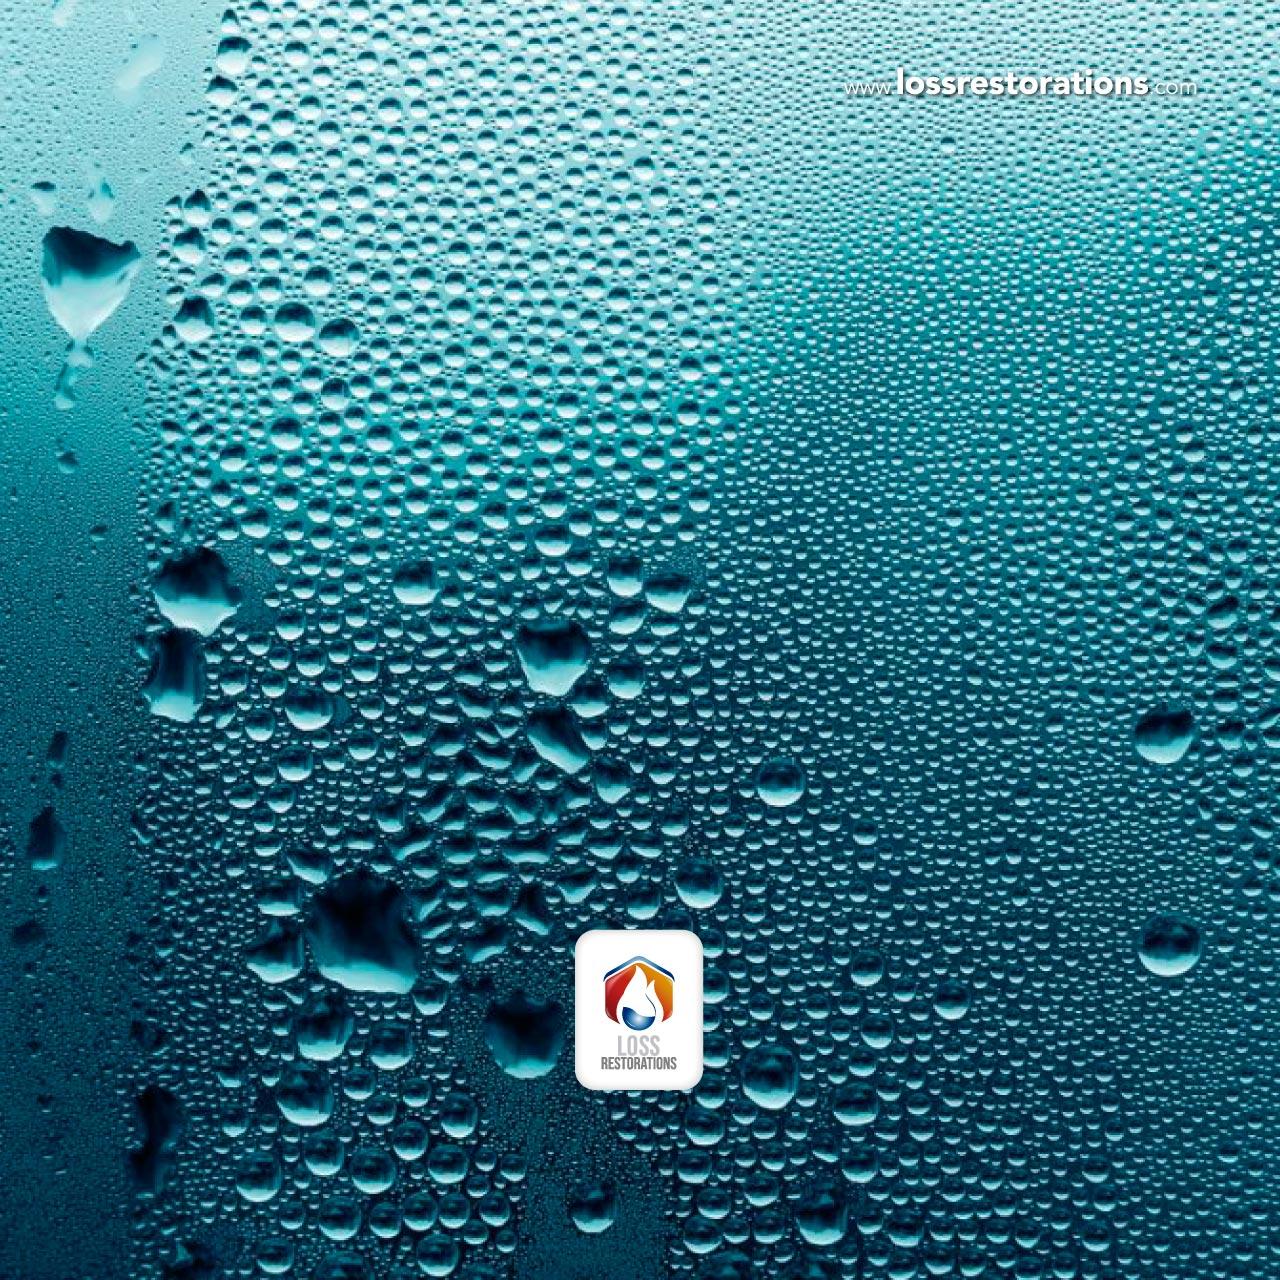 Qué es la humedad y cómo combatirla en suelos y paredes